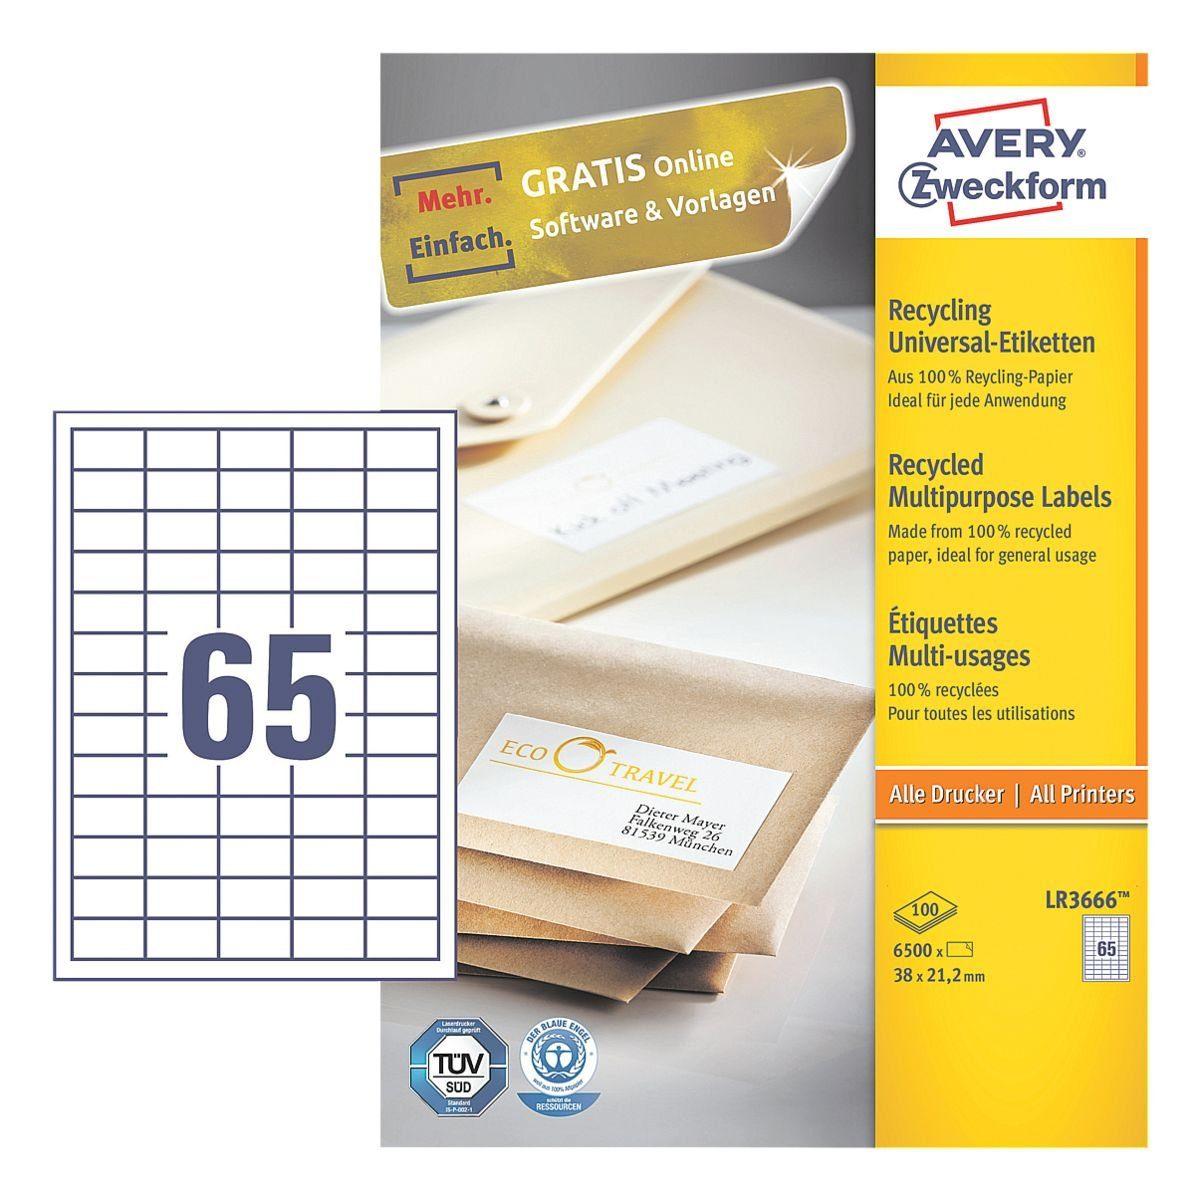 ZWECKFORMAVERY 6500er-Pack Universal Klebeetiketten »LR3666«